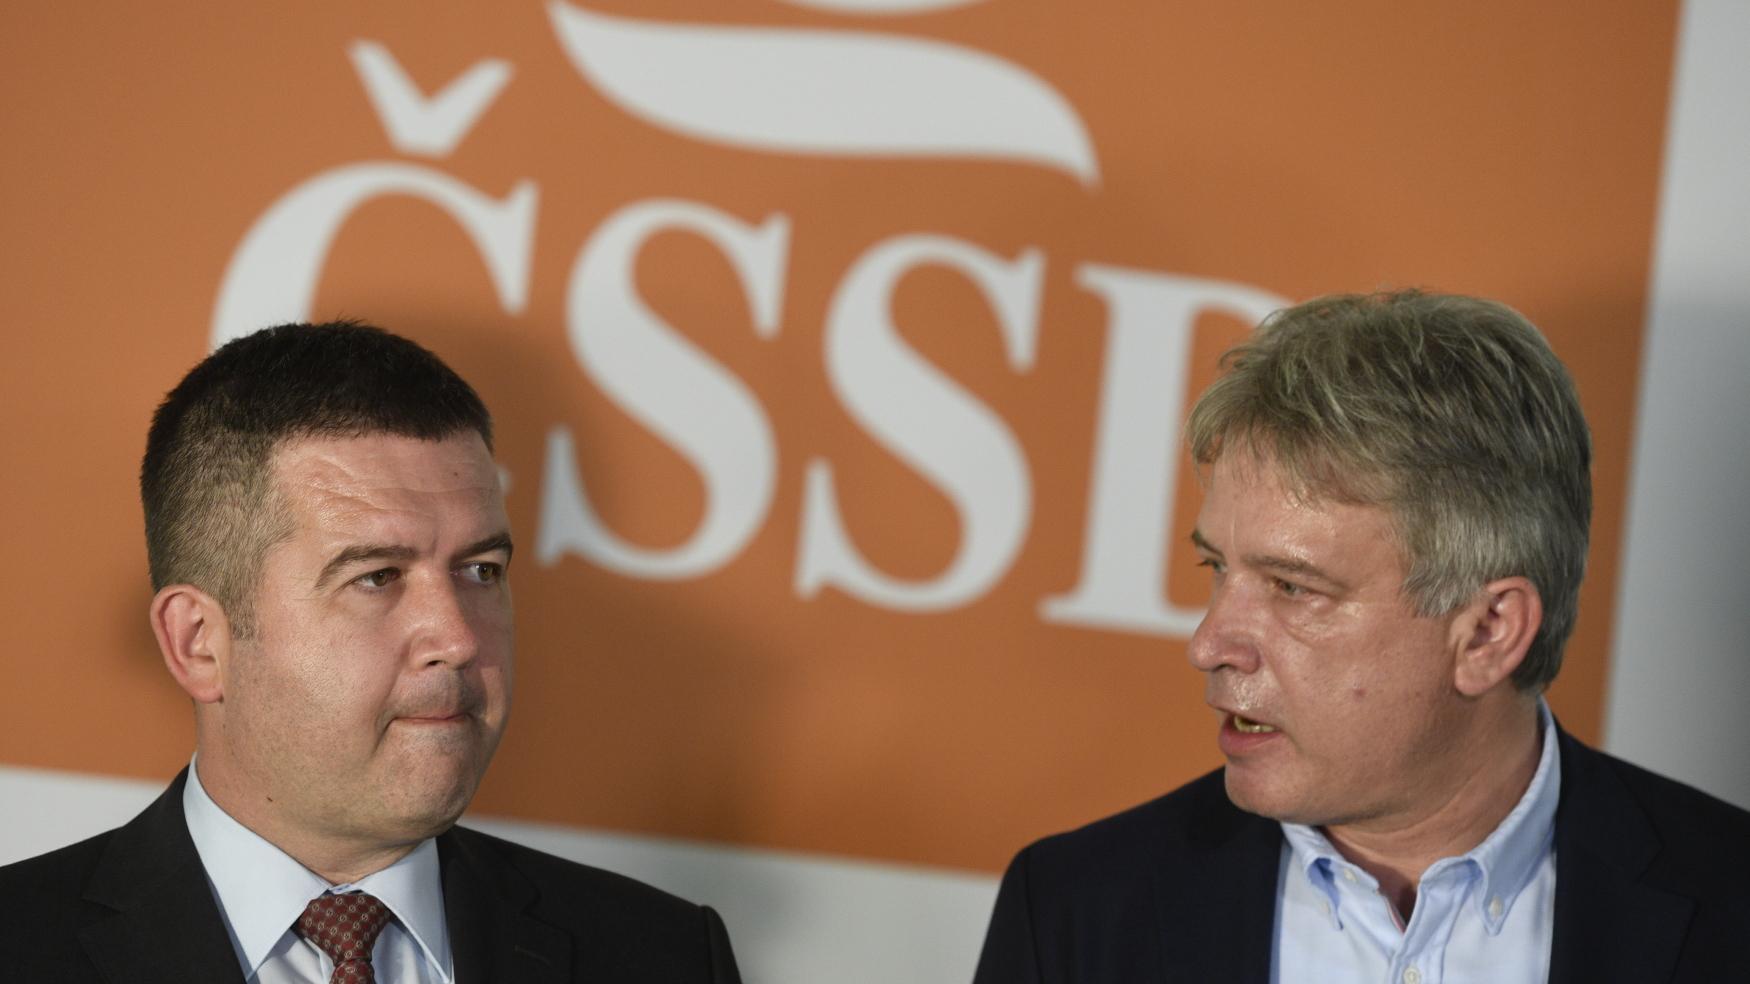 Předseda ČSSD Jan Hamáček a statutární místopředseda strany Roman Onderka